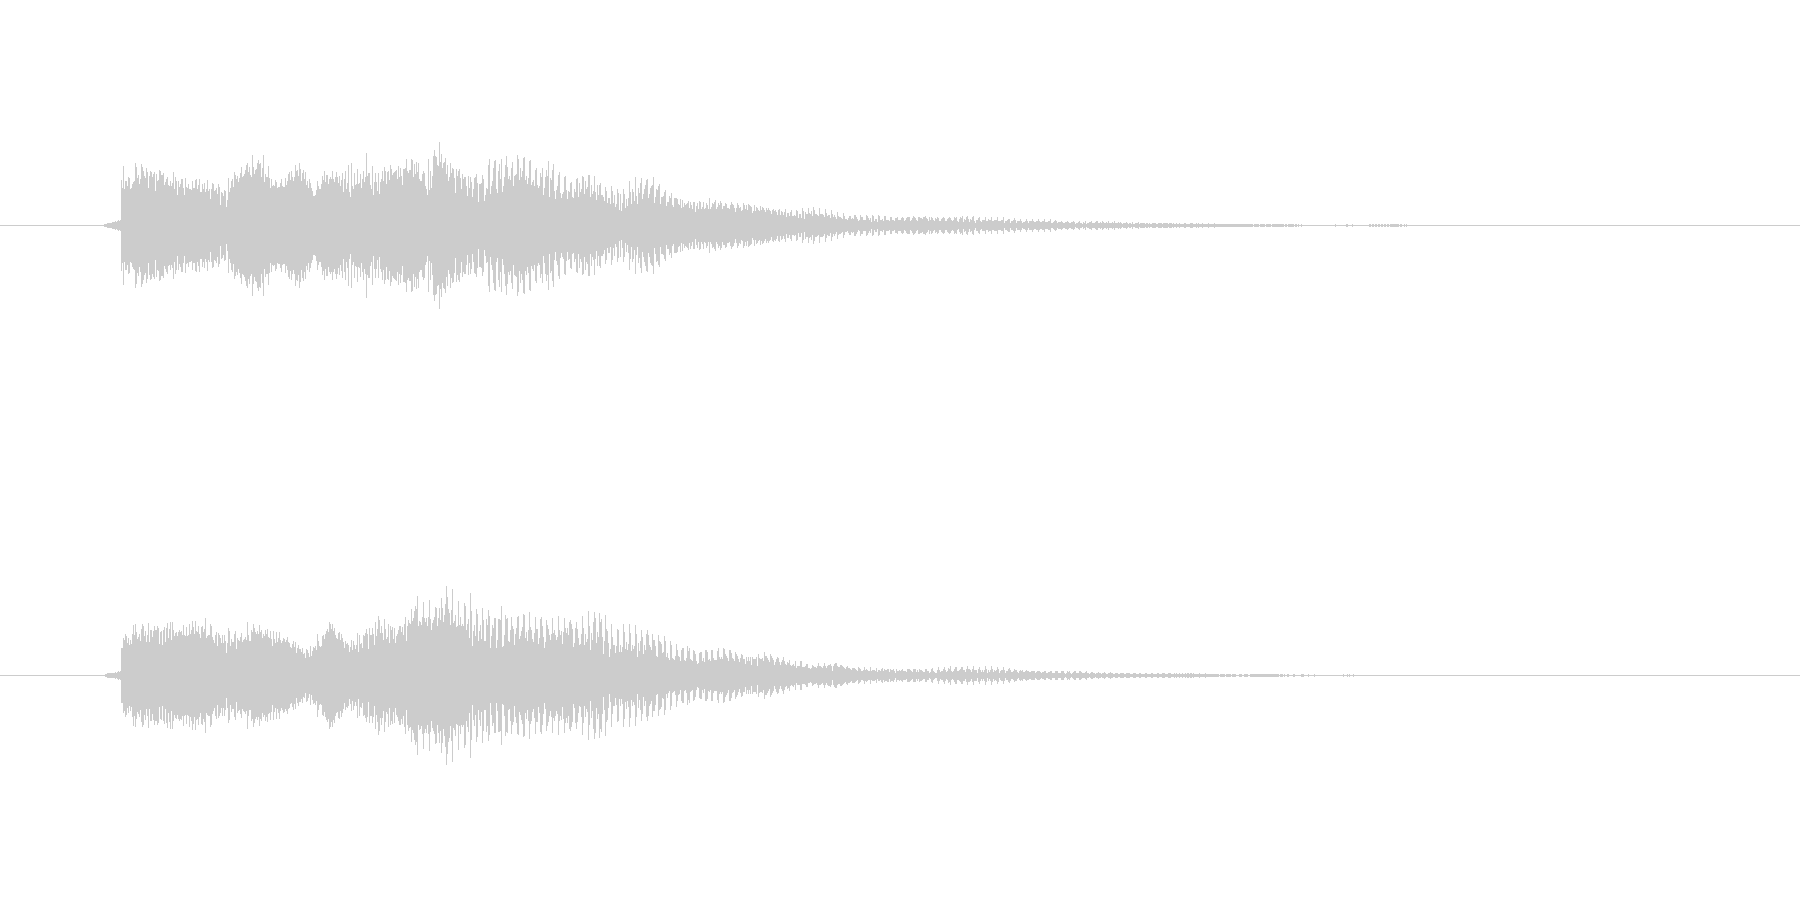 回復音、復活音、回復魔法、セーブ音の未再生の波形